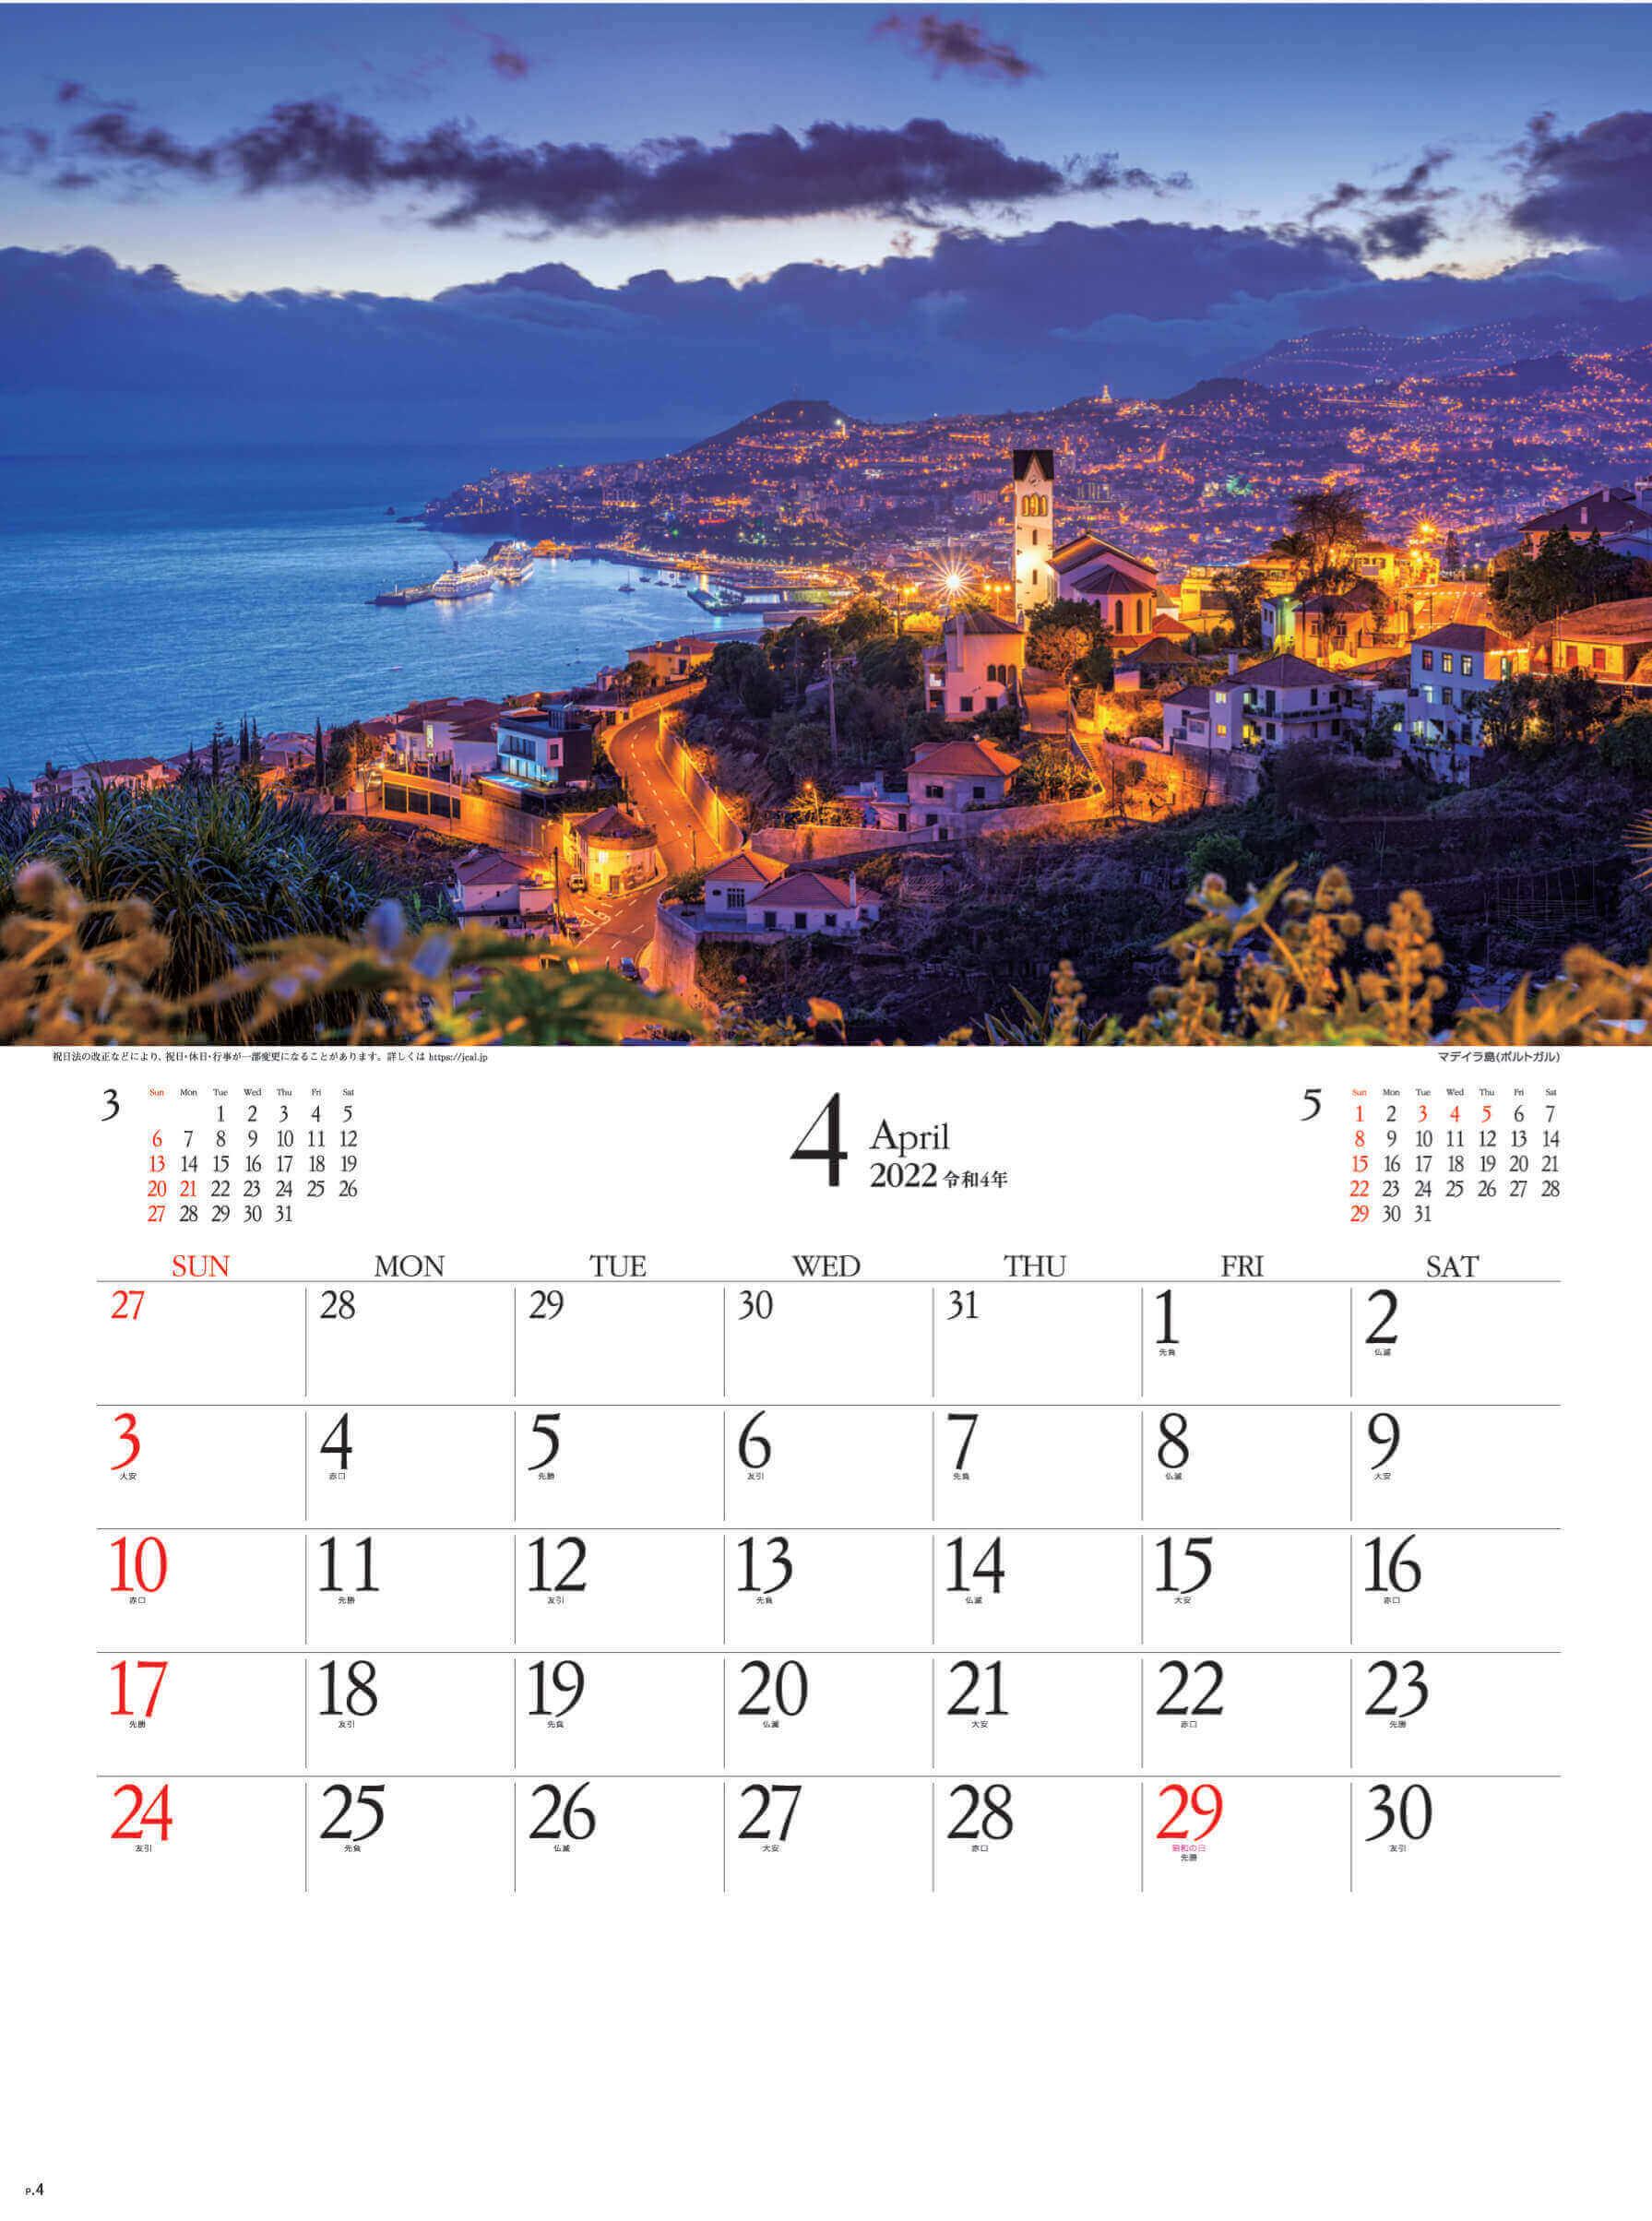 4月 マディラ島 ポルトガル エンドレスシティ・世界の夜景 2022年カレンダーの画像